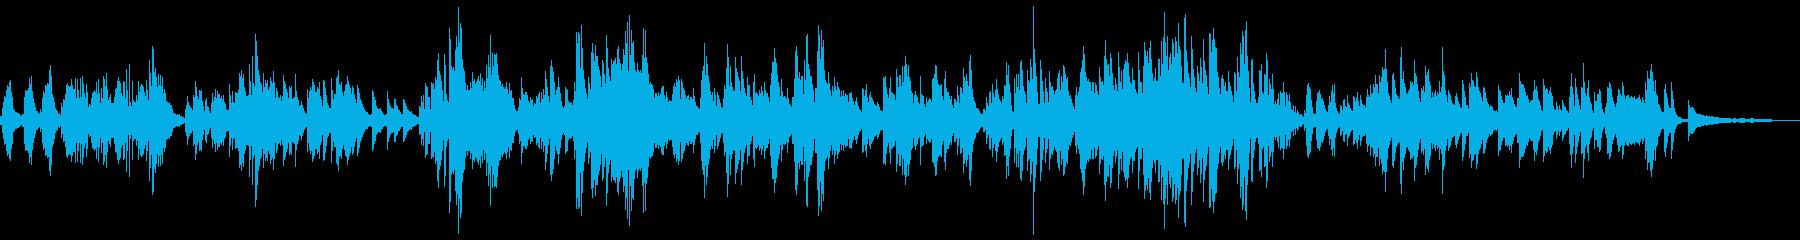 優しくアンビエント 神秘的なピアノソロの再生済みの波形